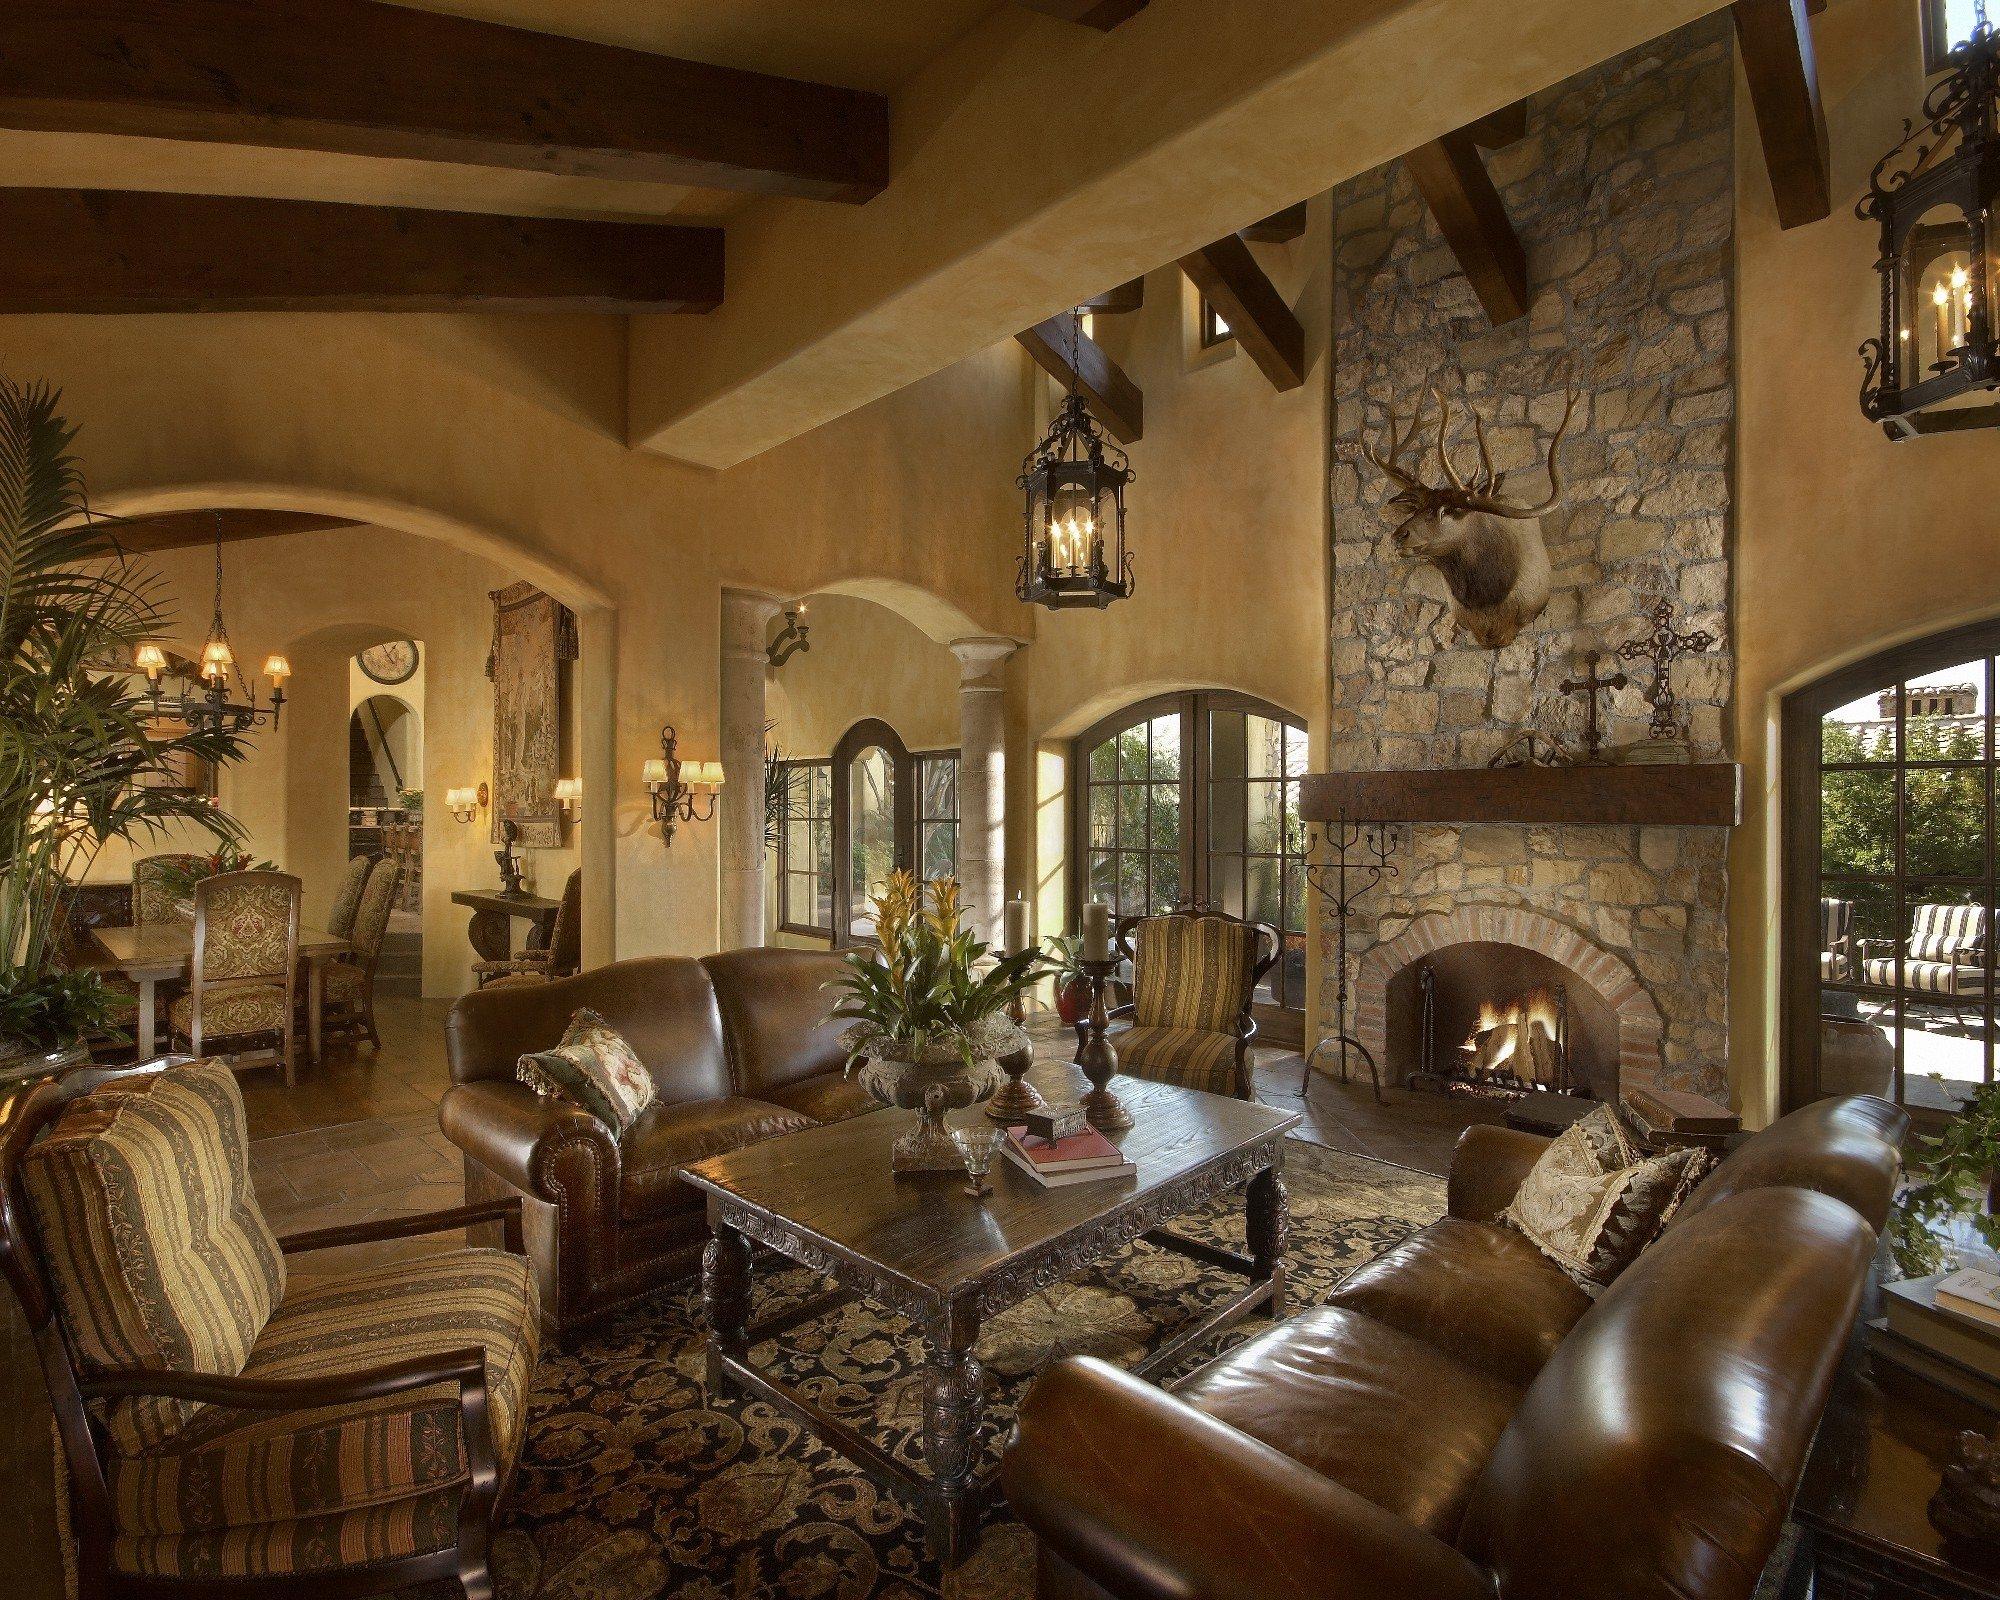 einrichtungsstile ideen m belideen. Black Bedroom Furniture Sets. Home Design Ideas